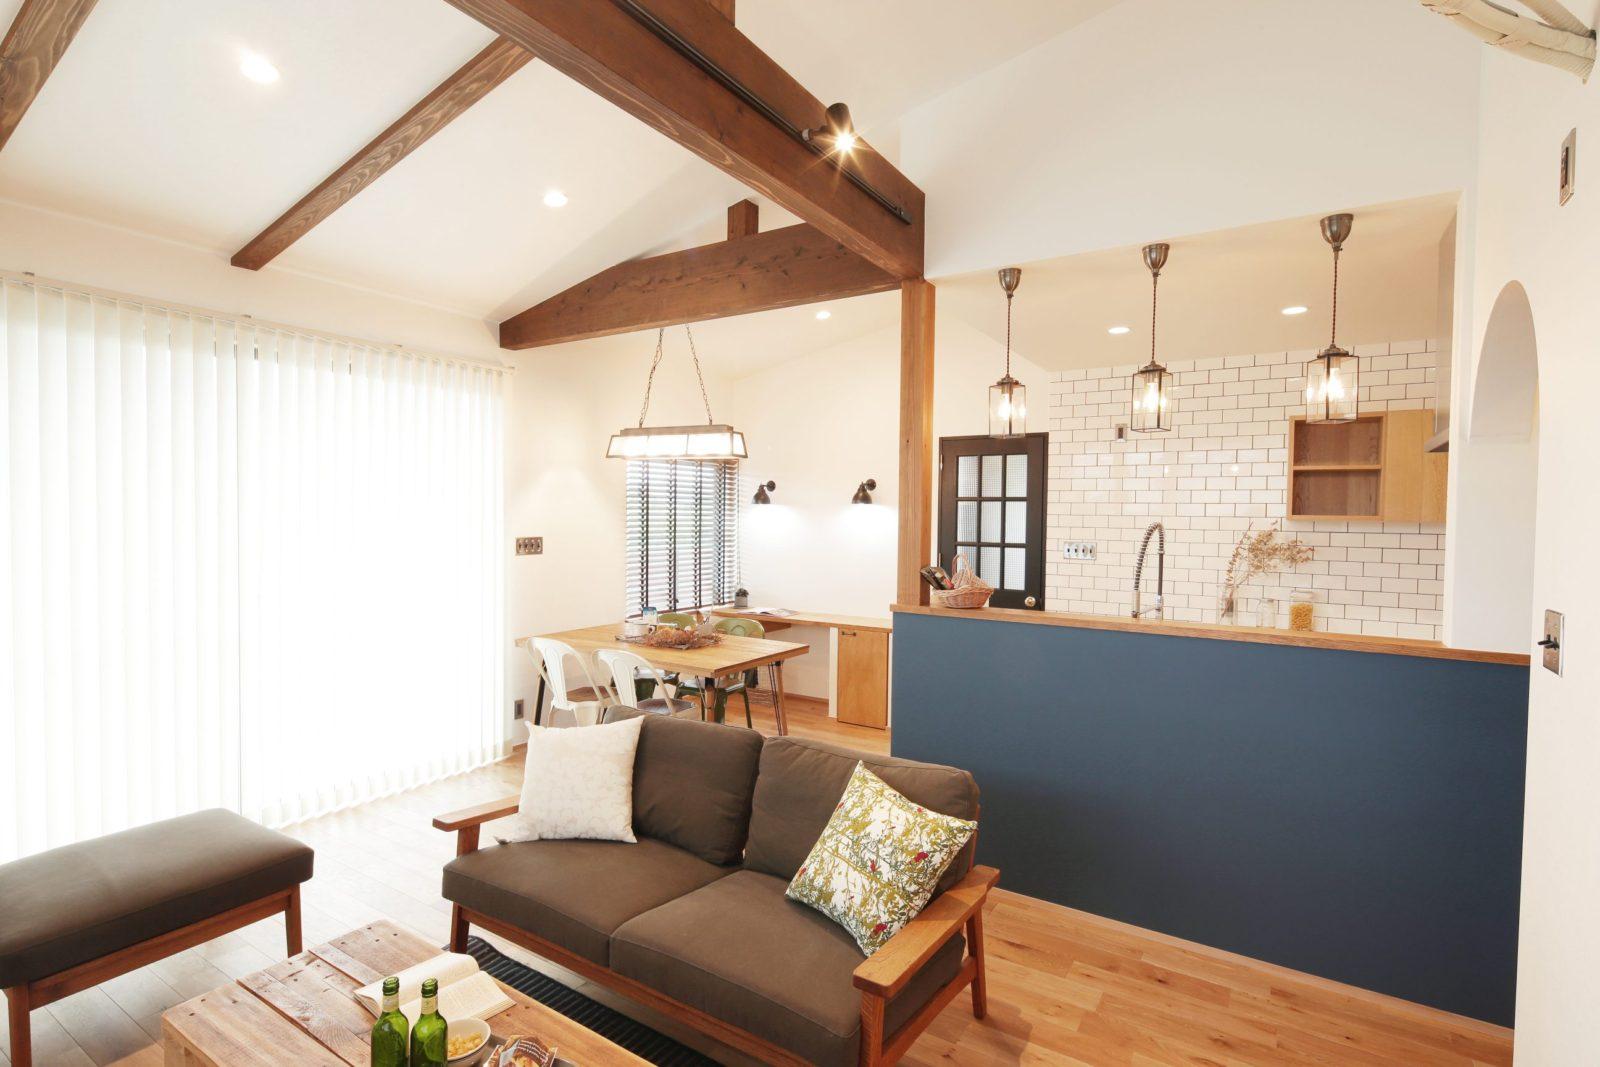 鹿児島市紫原で予約制オープンハウス 日々の暮らしを楽しむ家。